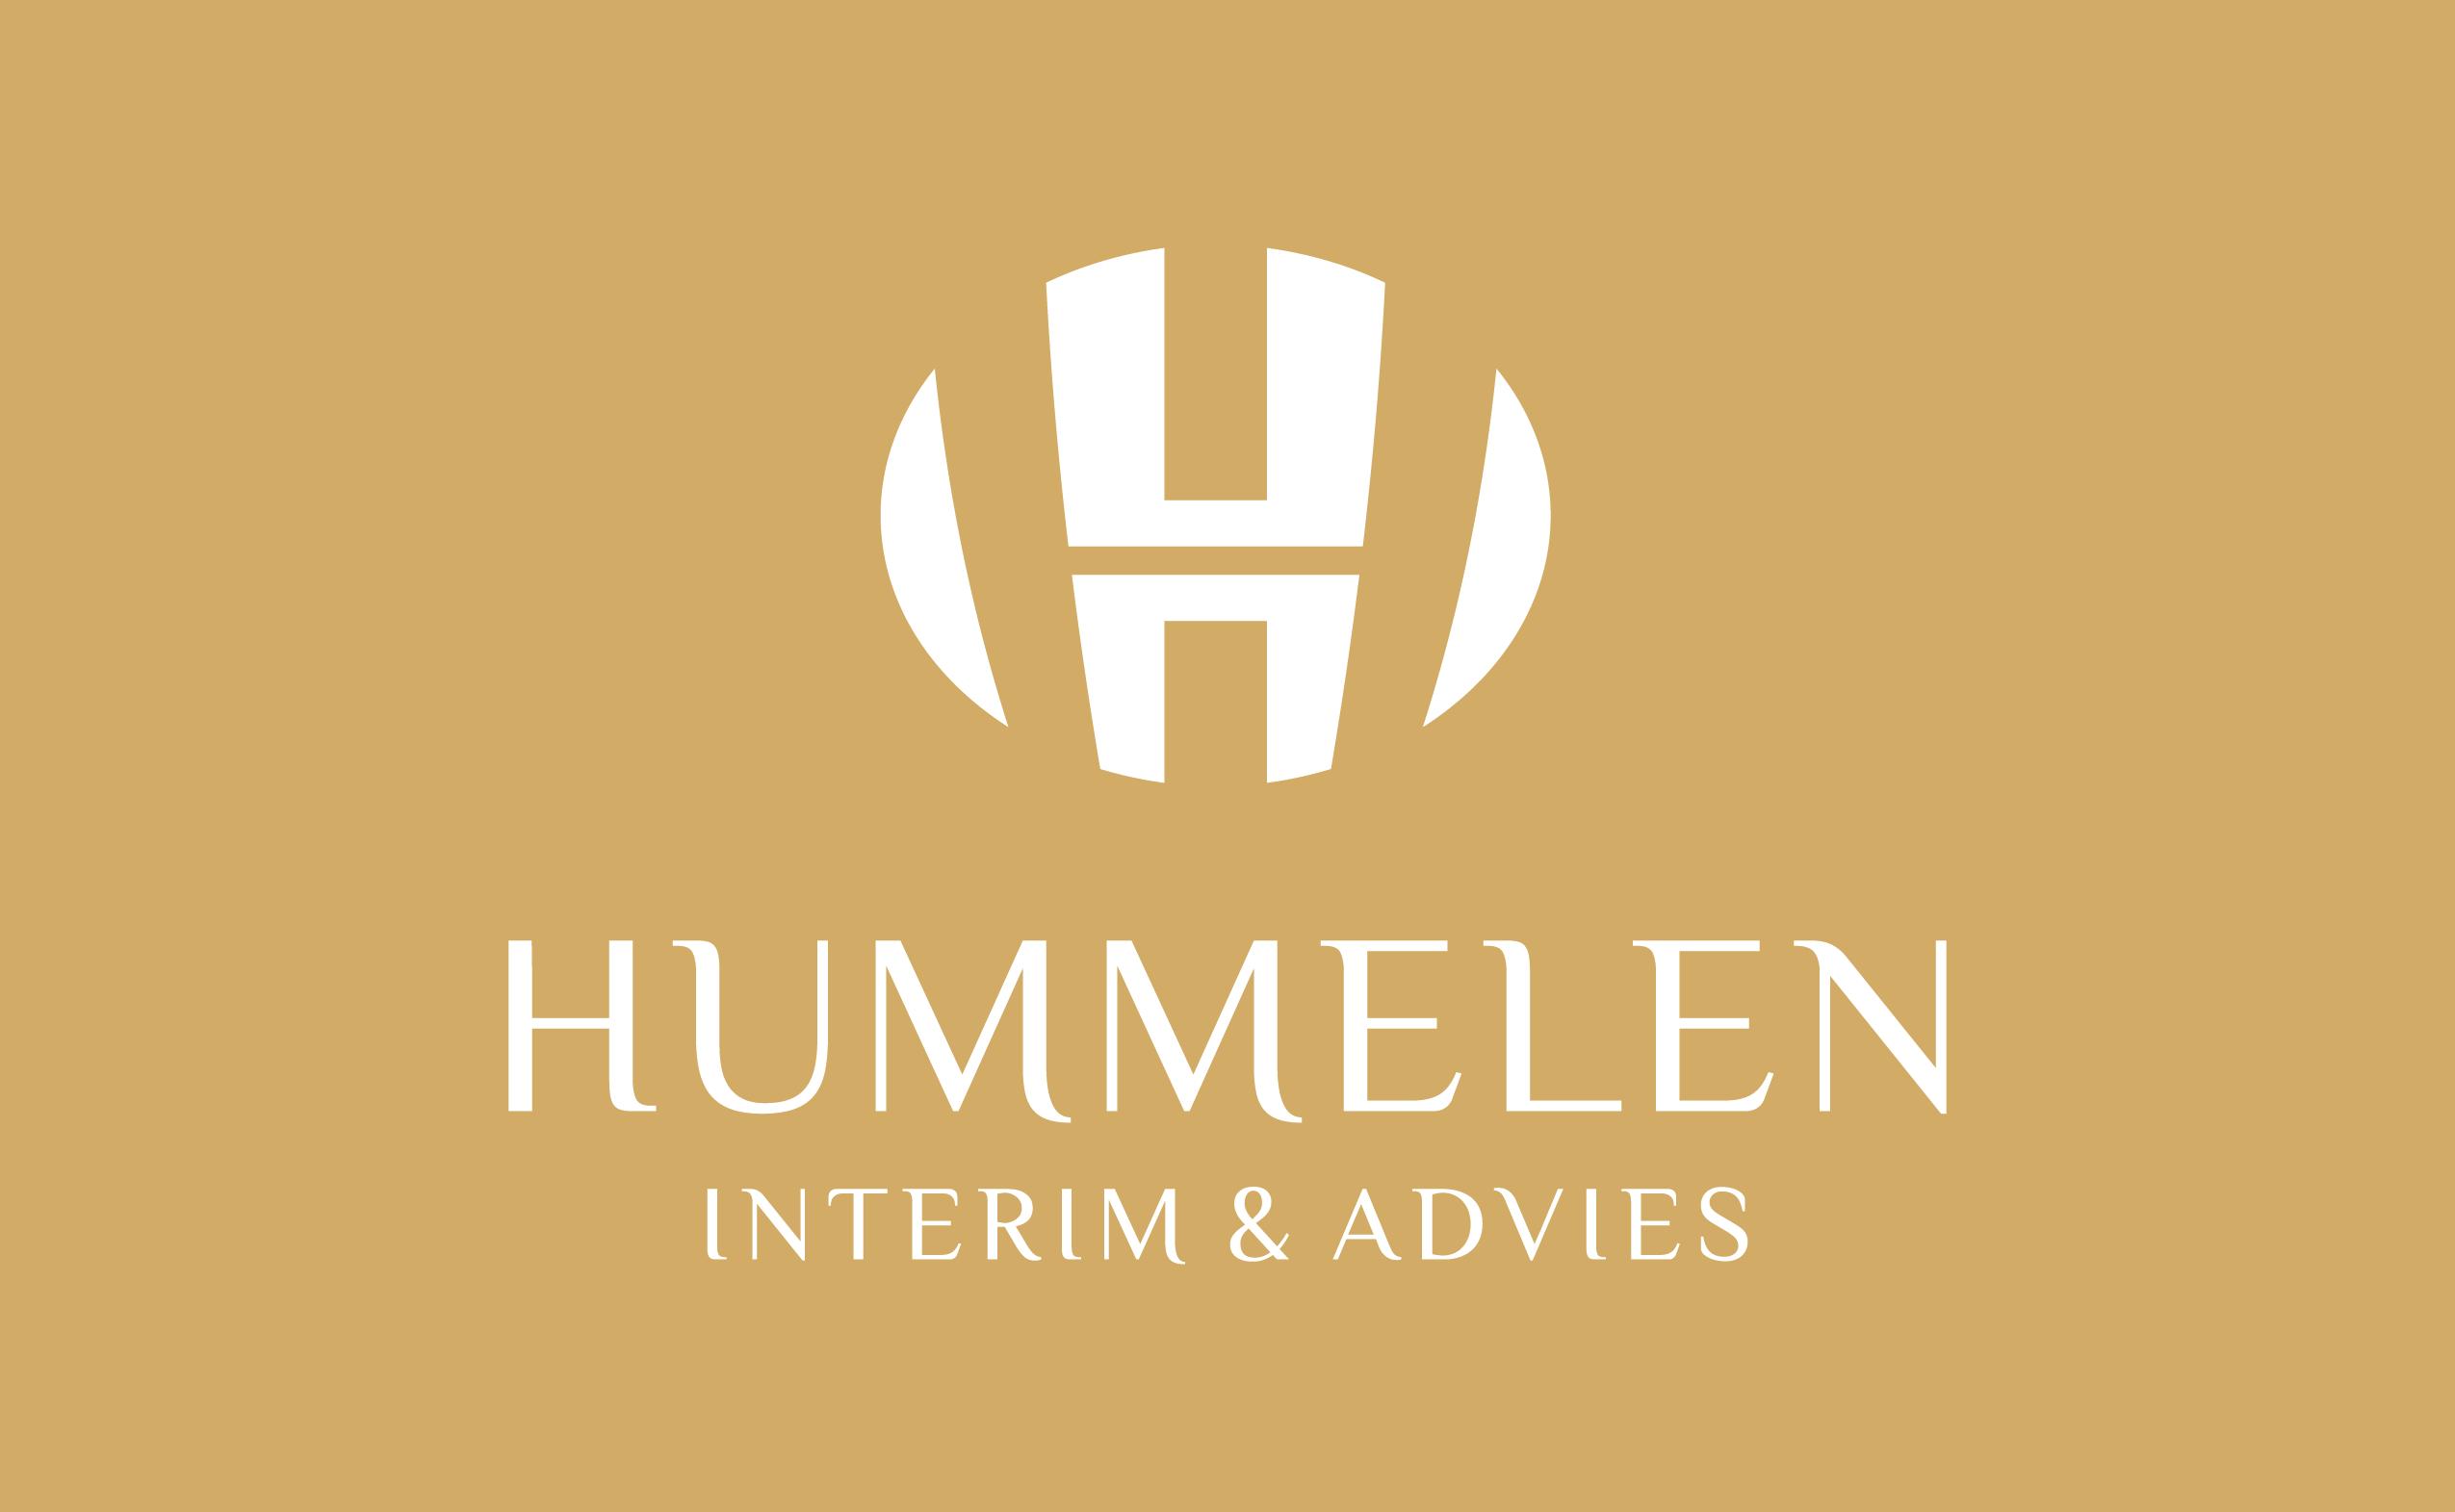 Ontwerp nu een logo voor een startend bedrijf: Hummelen